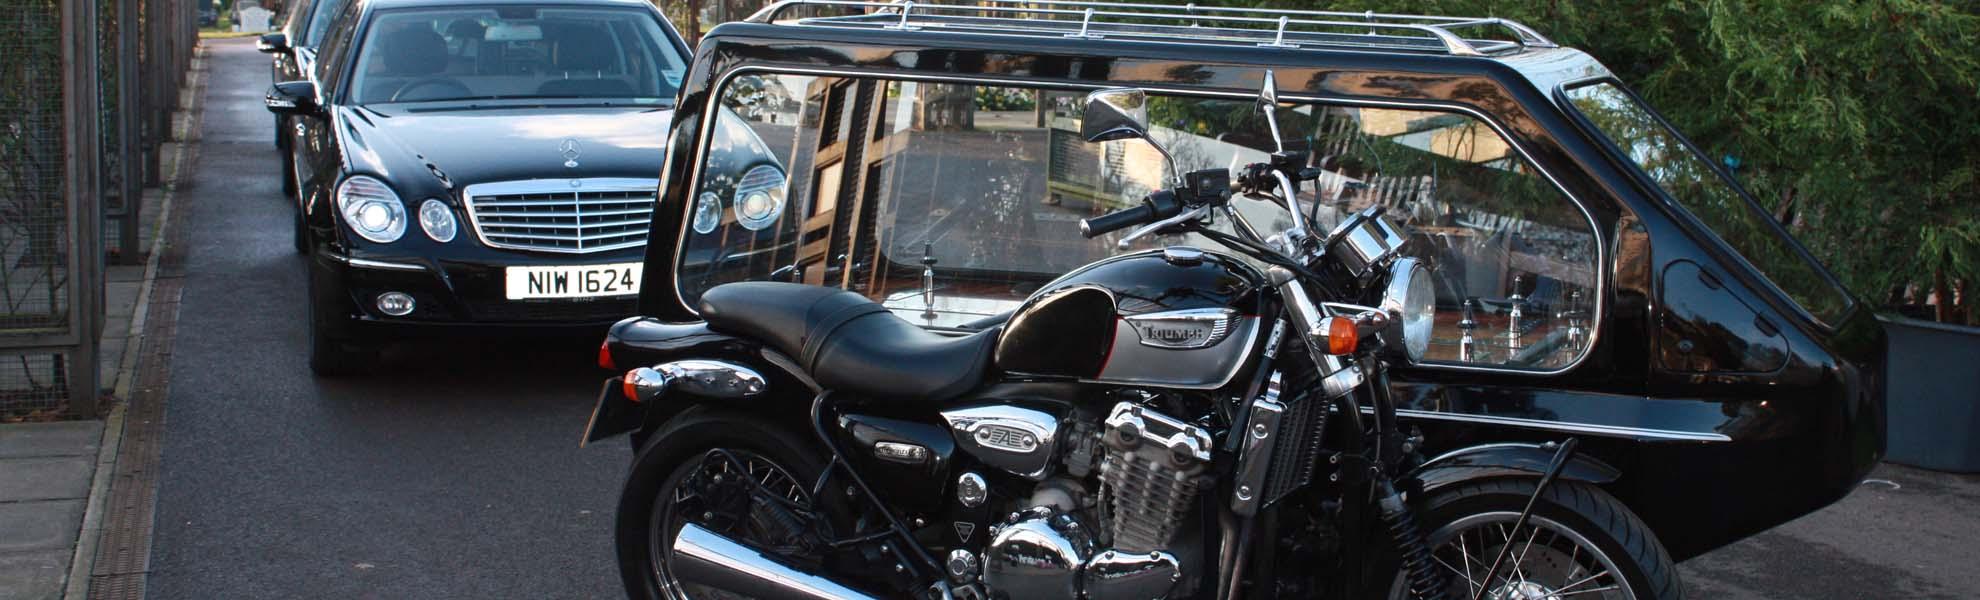 motorbike-funerals